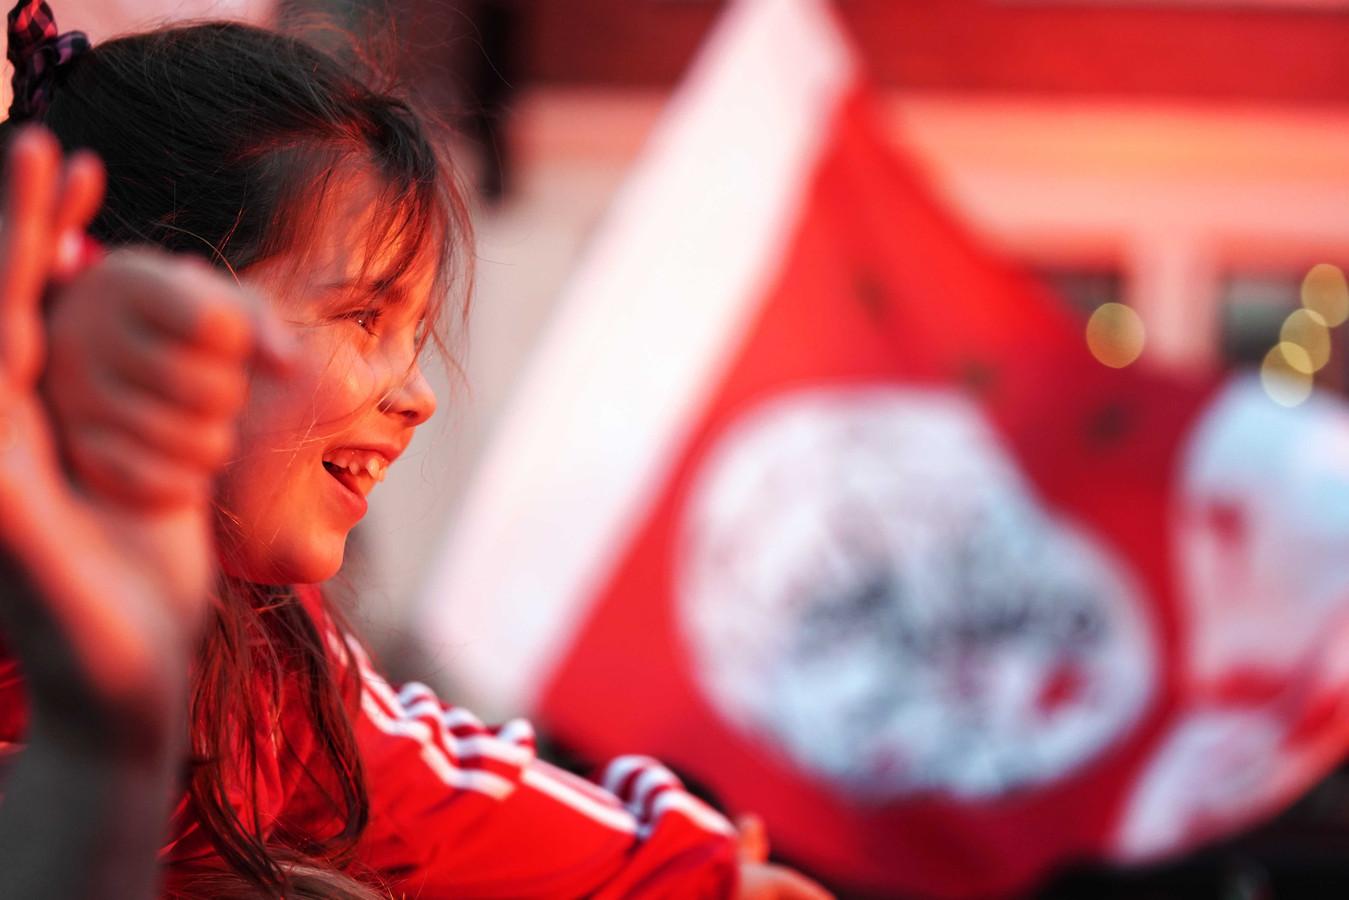 Een fan van Ajax viert feest na het behalen van de 34e landstitel. Ajax speelde de laatste wedstrijd van het seizoen in de eredivisie tegen De Graafschap.